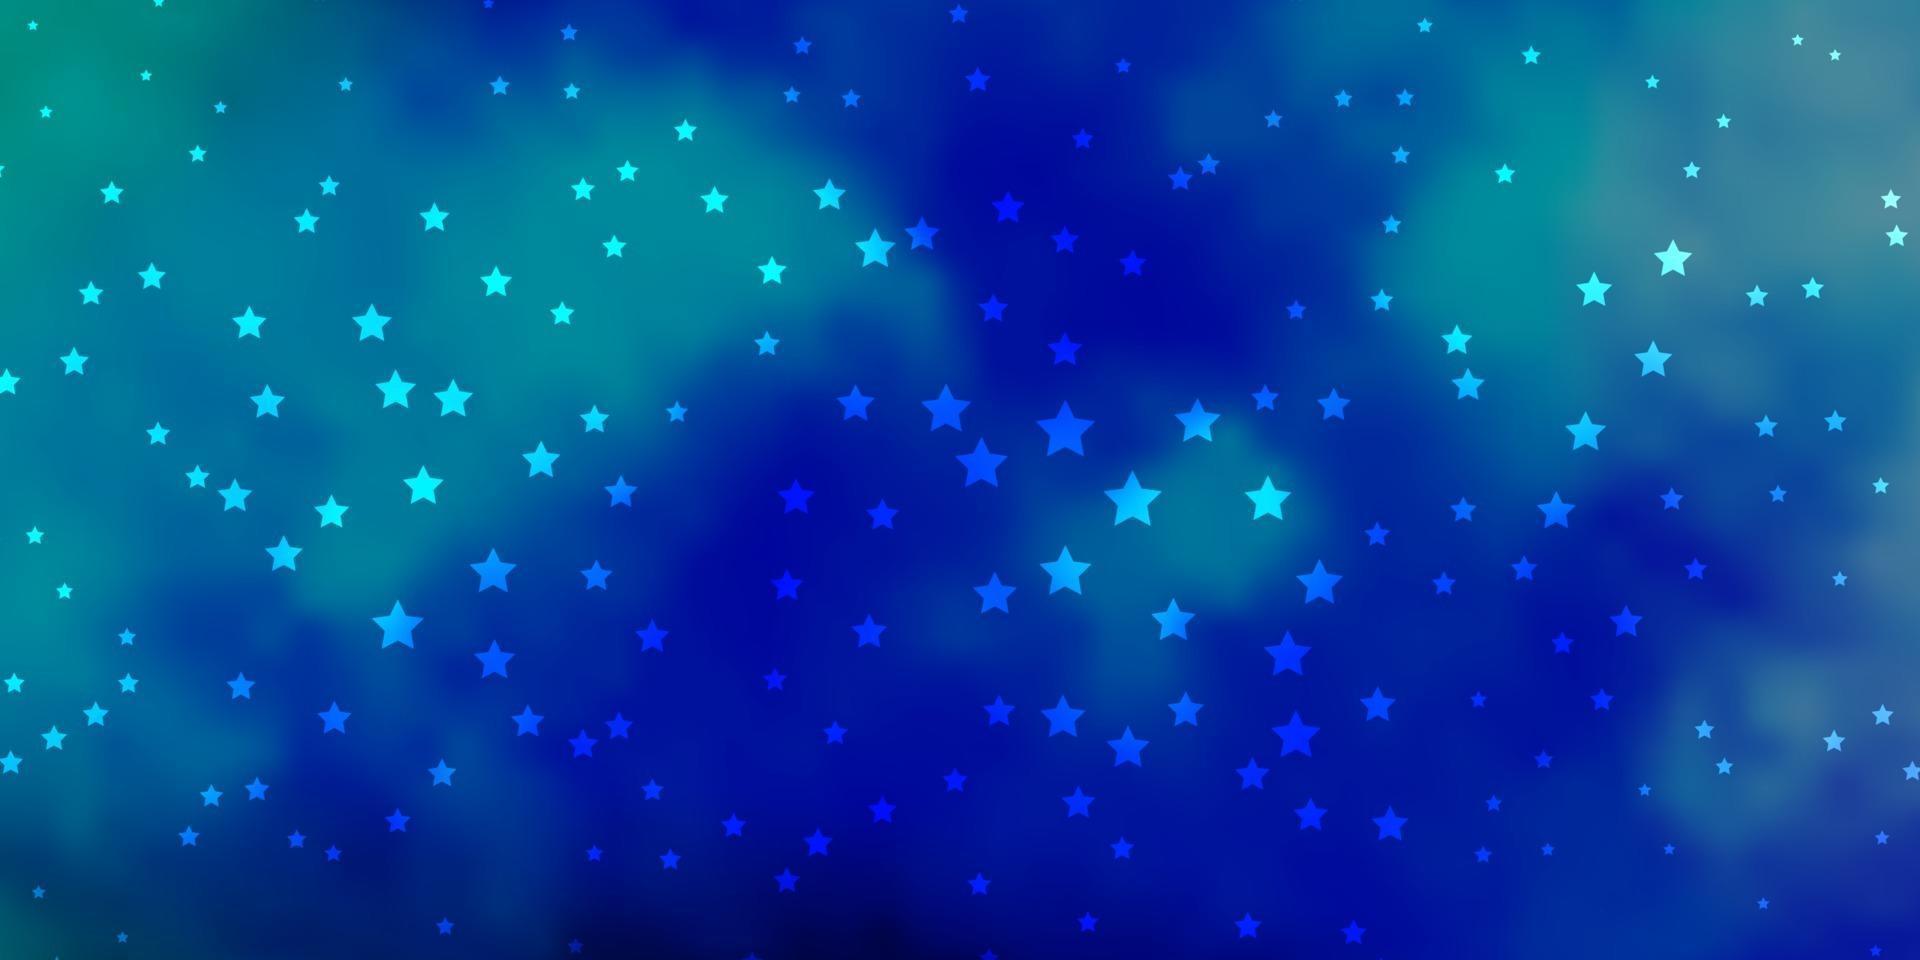 sfondo vettoriale blu scuro, verde con stelle colorate.